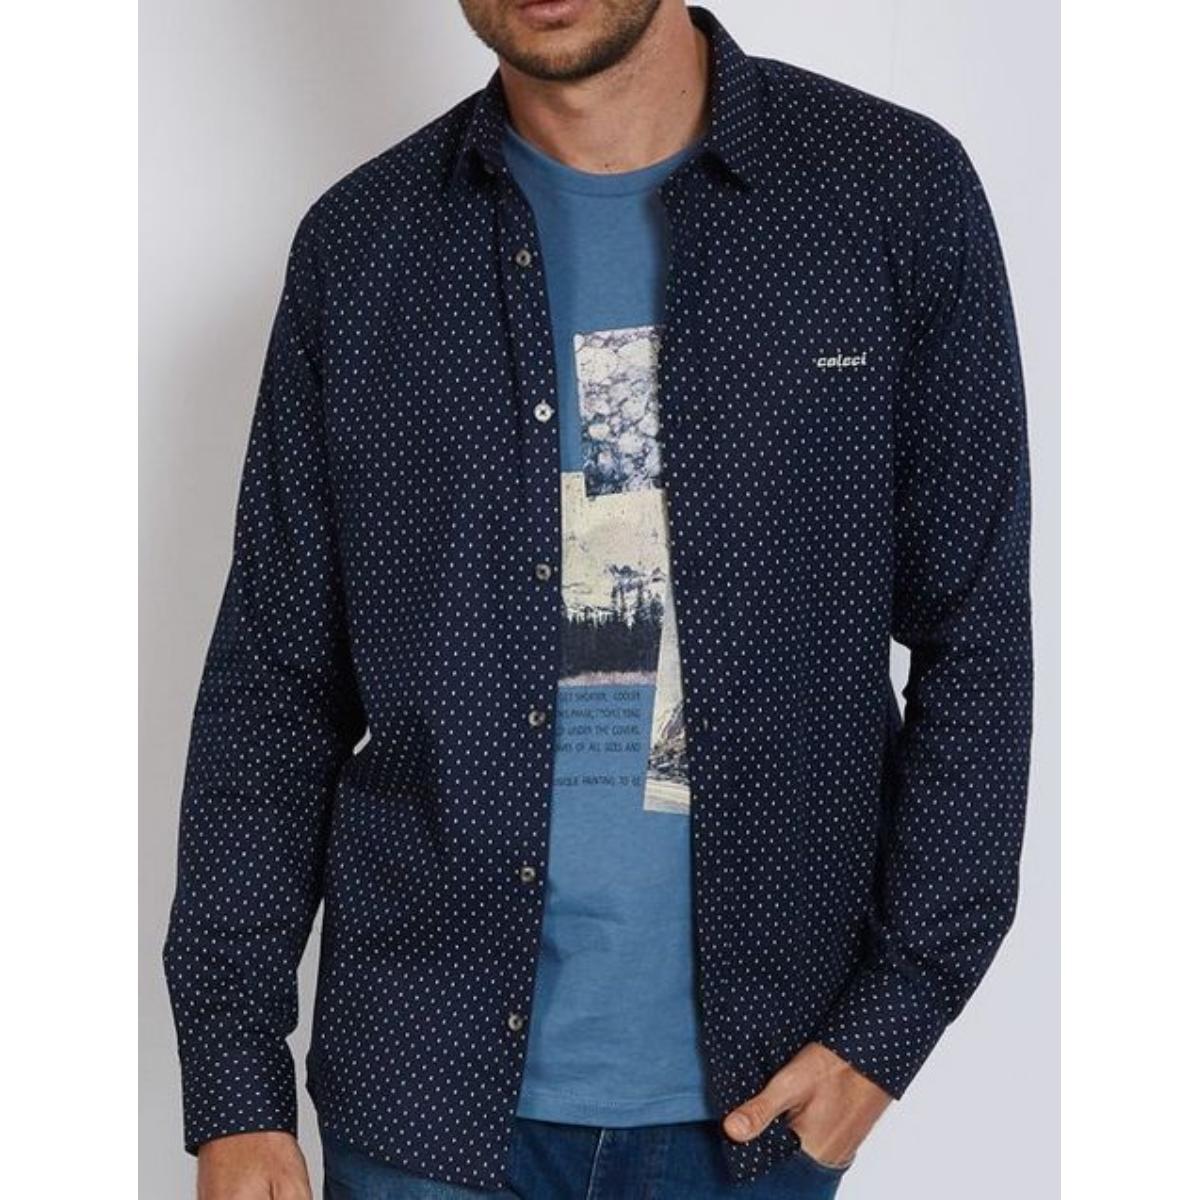 Camisa Masculina Colcci 310103799 Vc81 Azul/branco